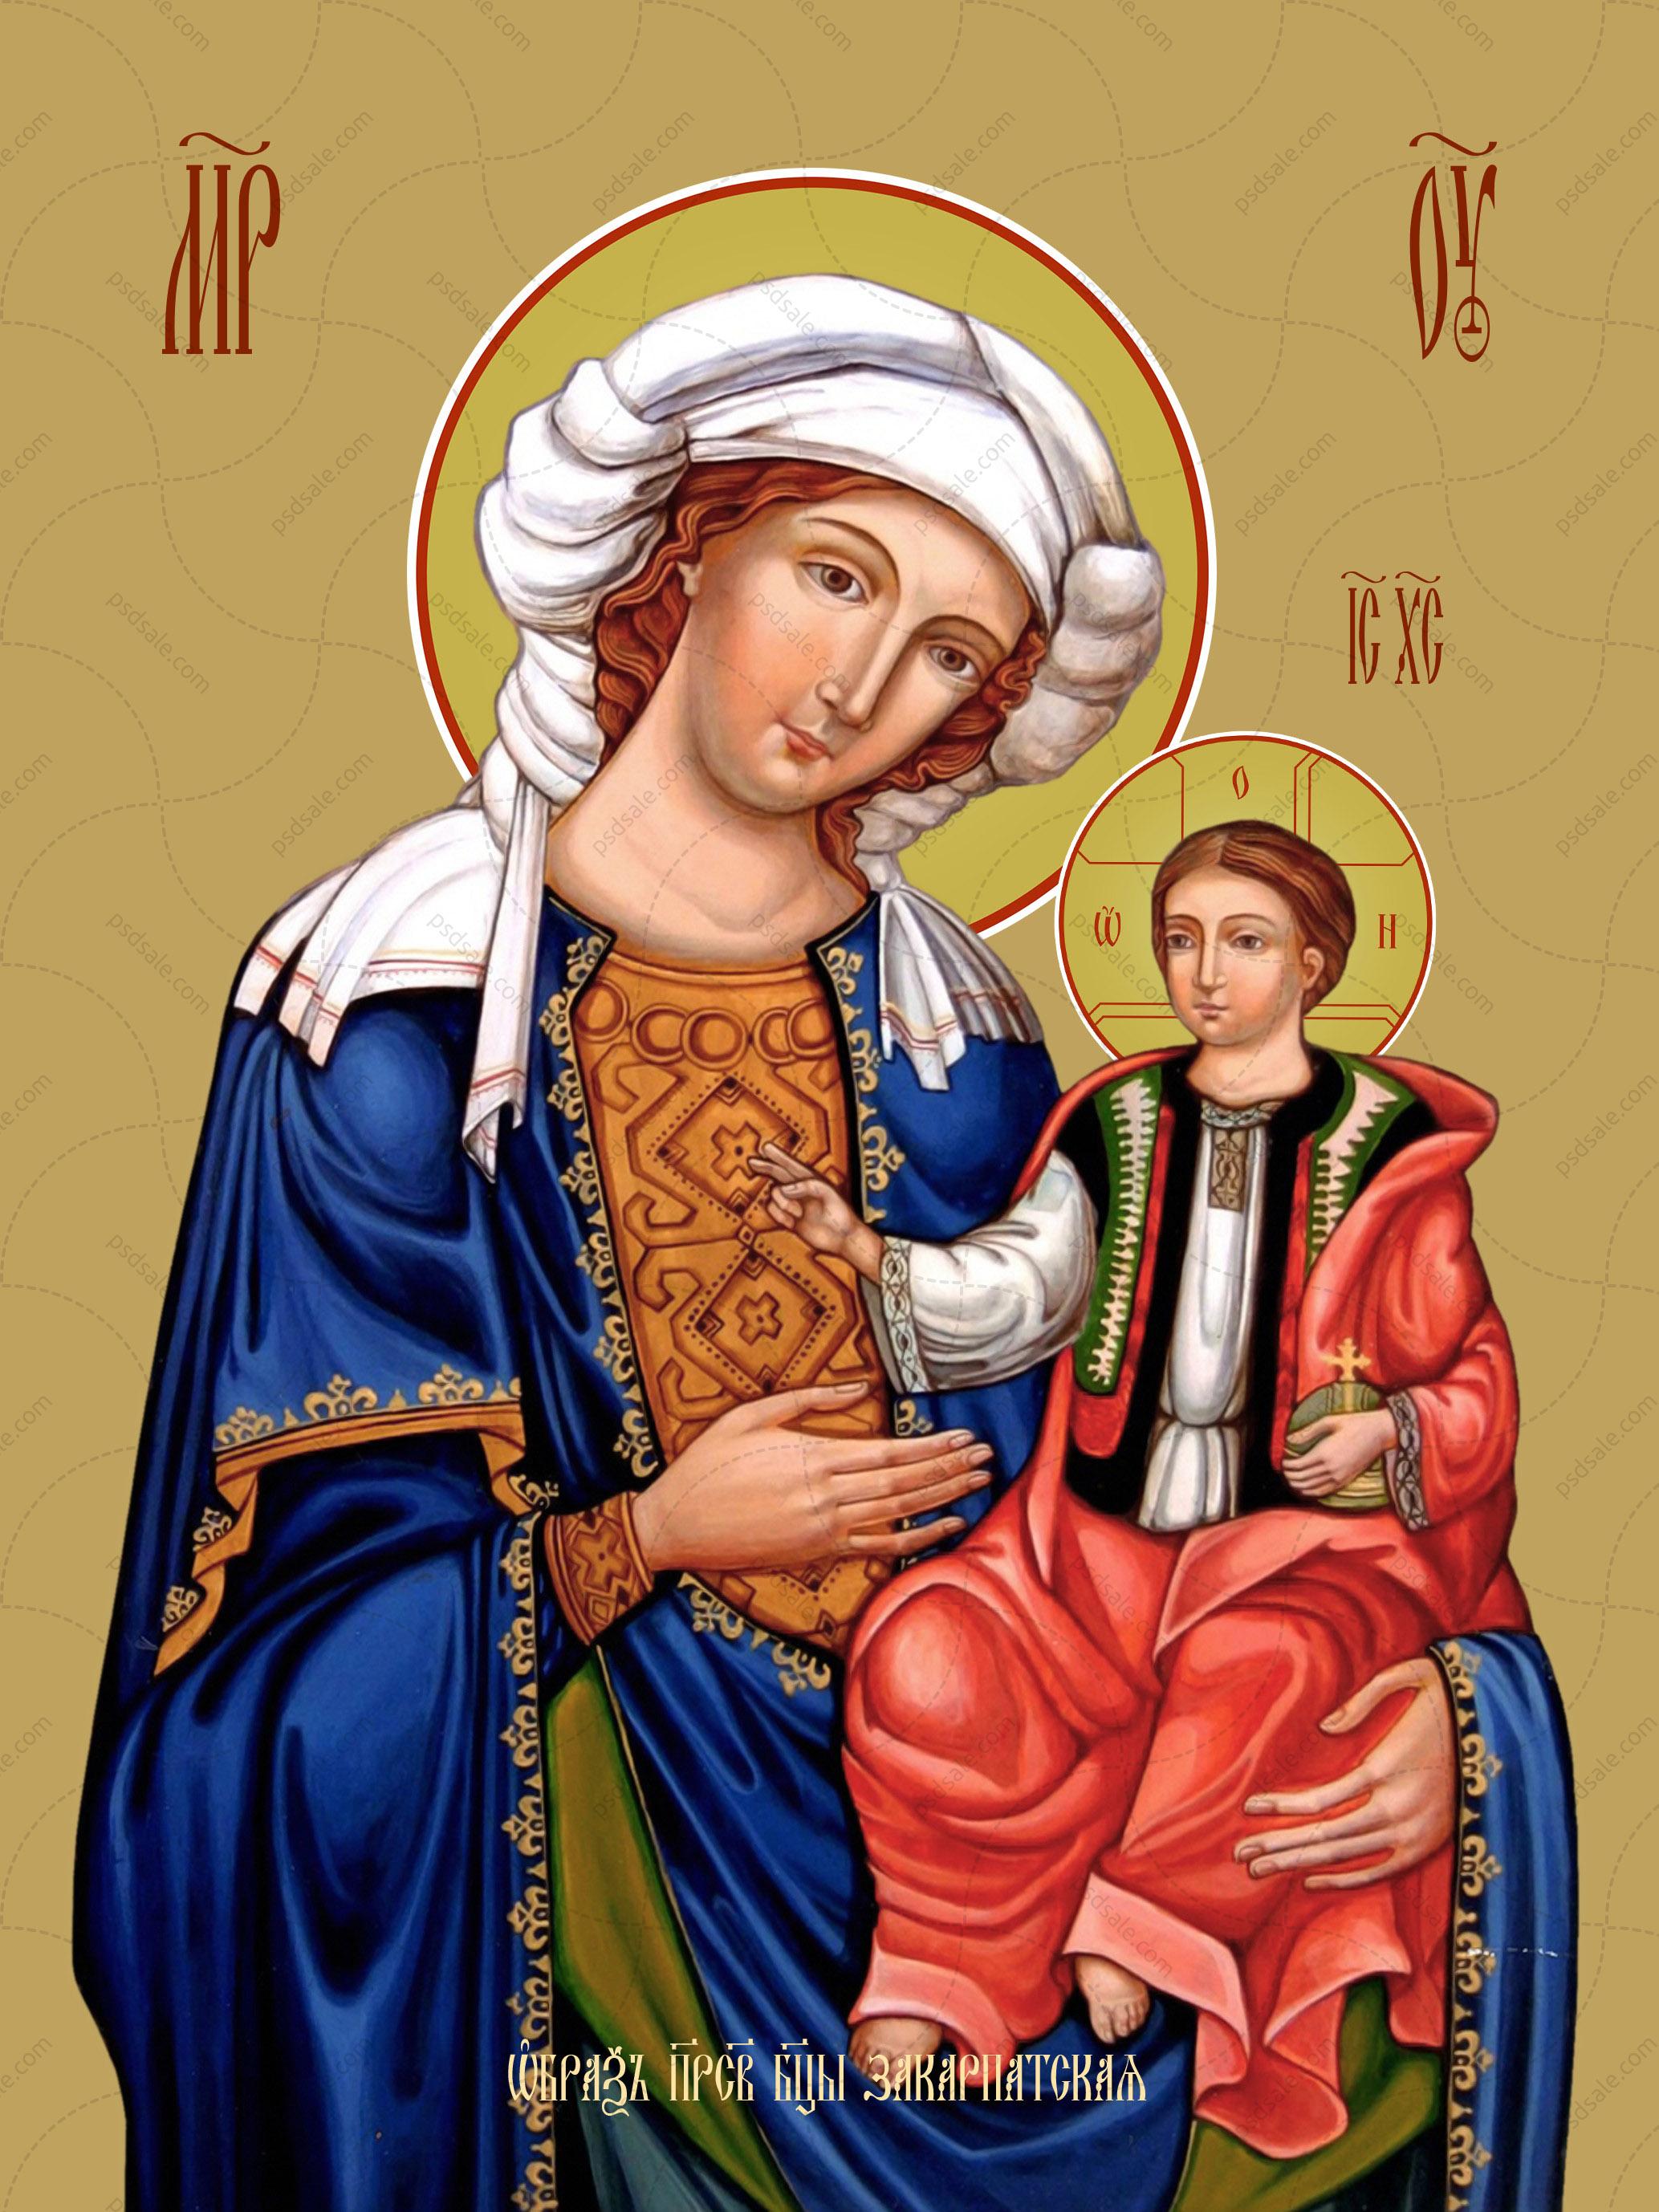 Закарпатская икона божьей матери